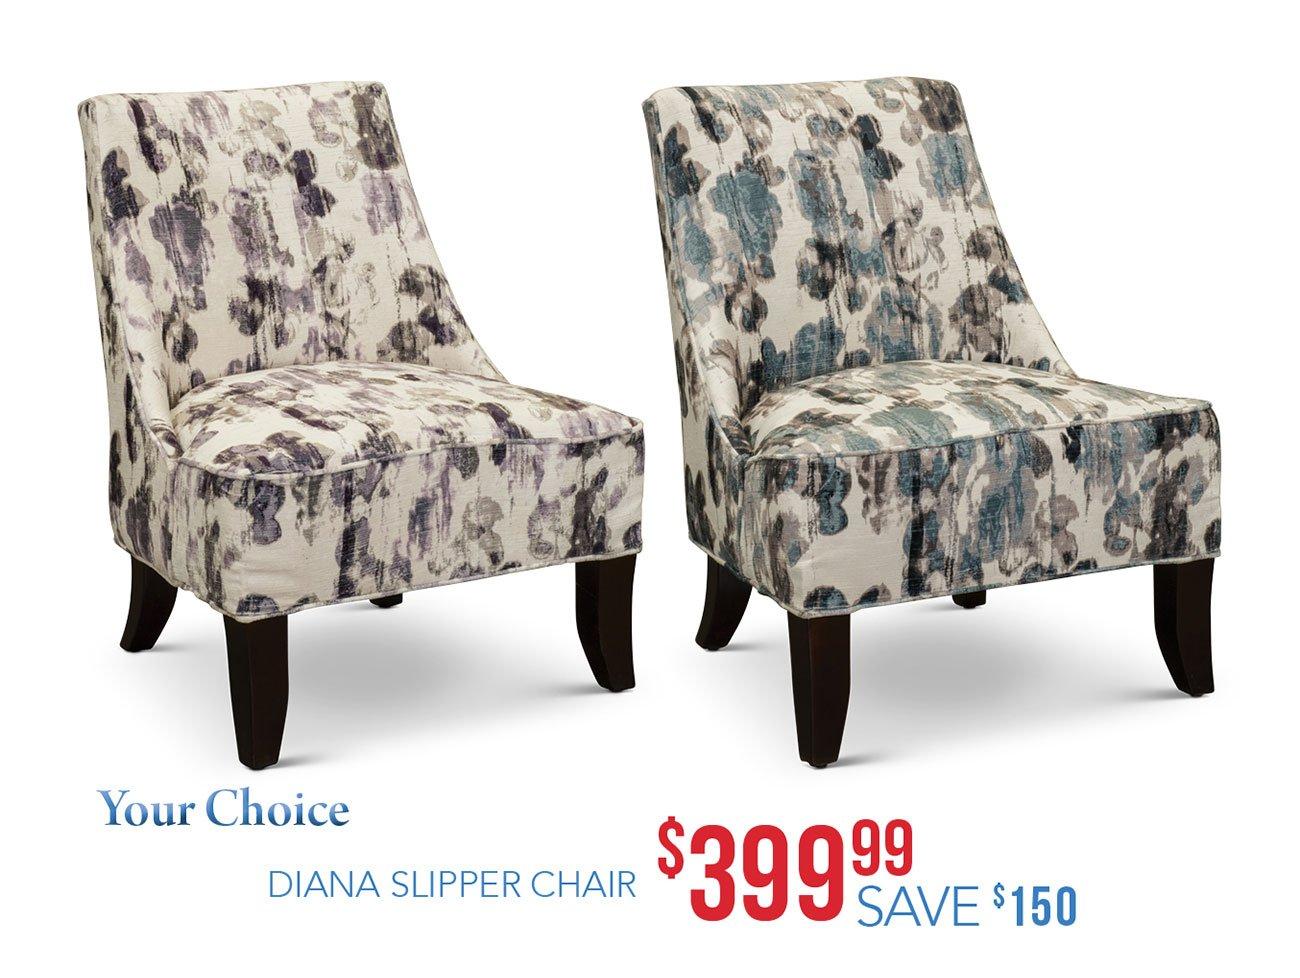 Diana-slipper-chair